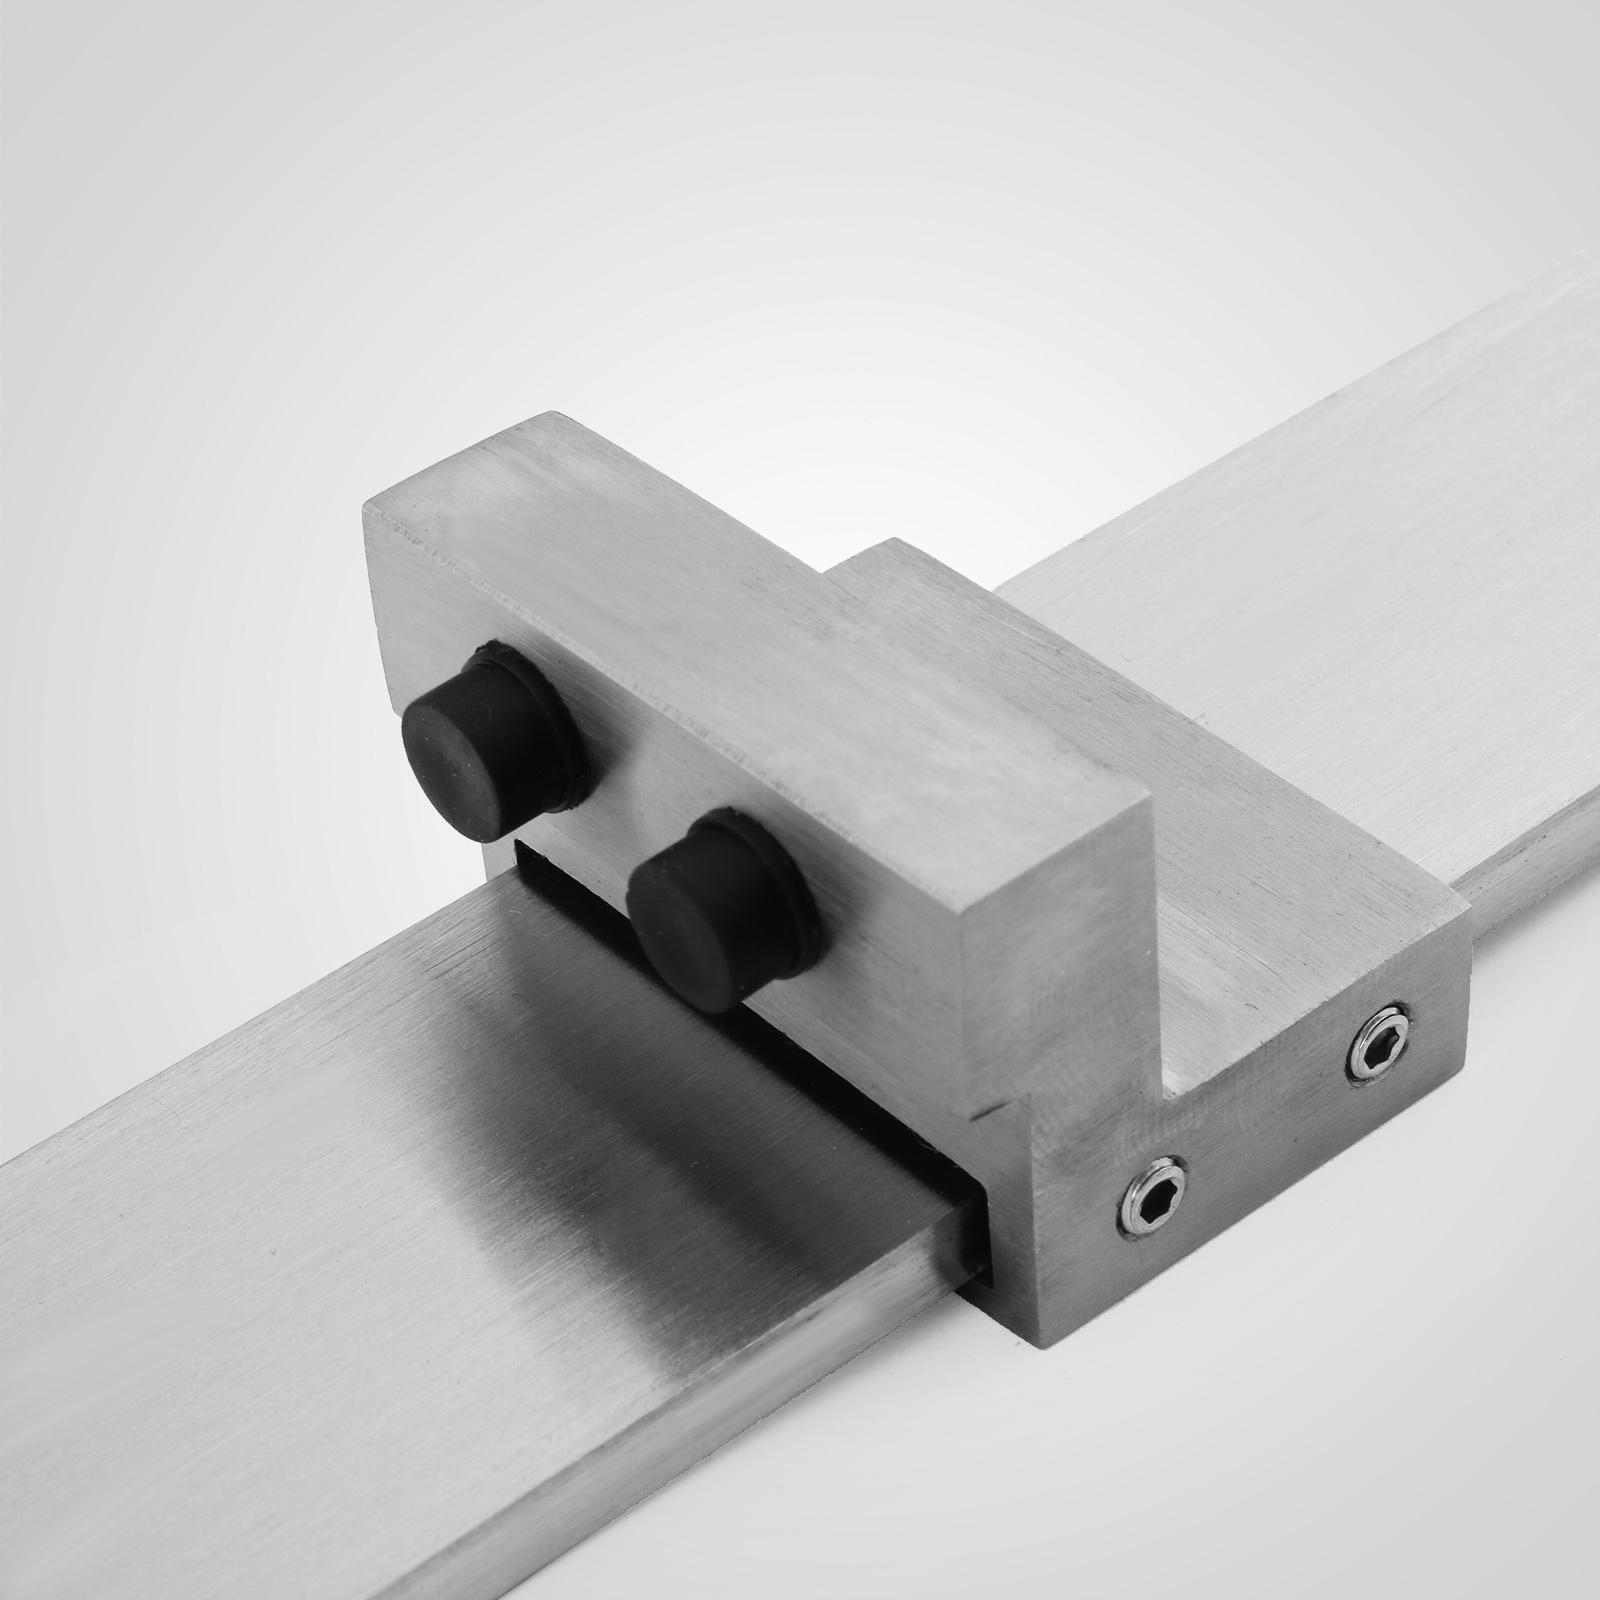 10ft sliding barn door track hardware set kit stainless for 10 foot sliding glass door